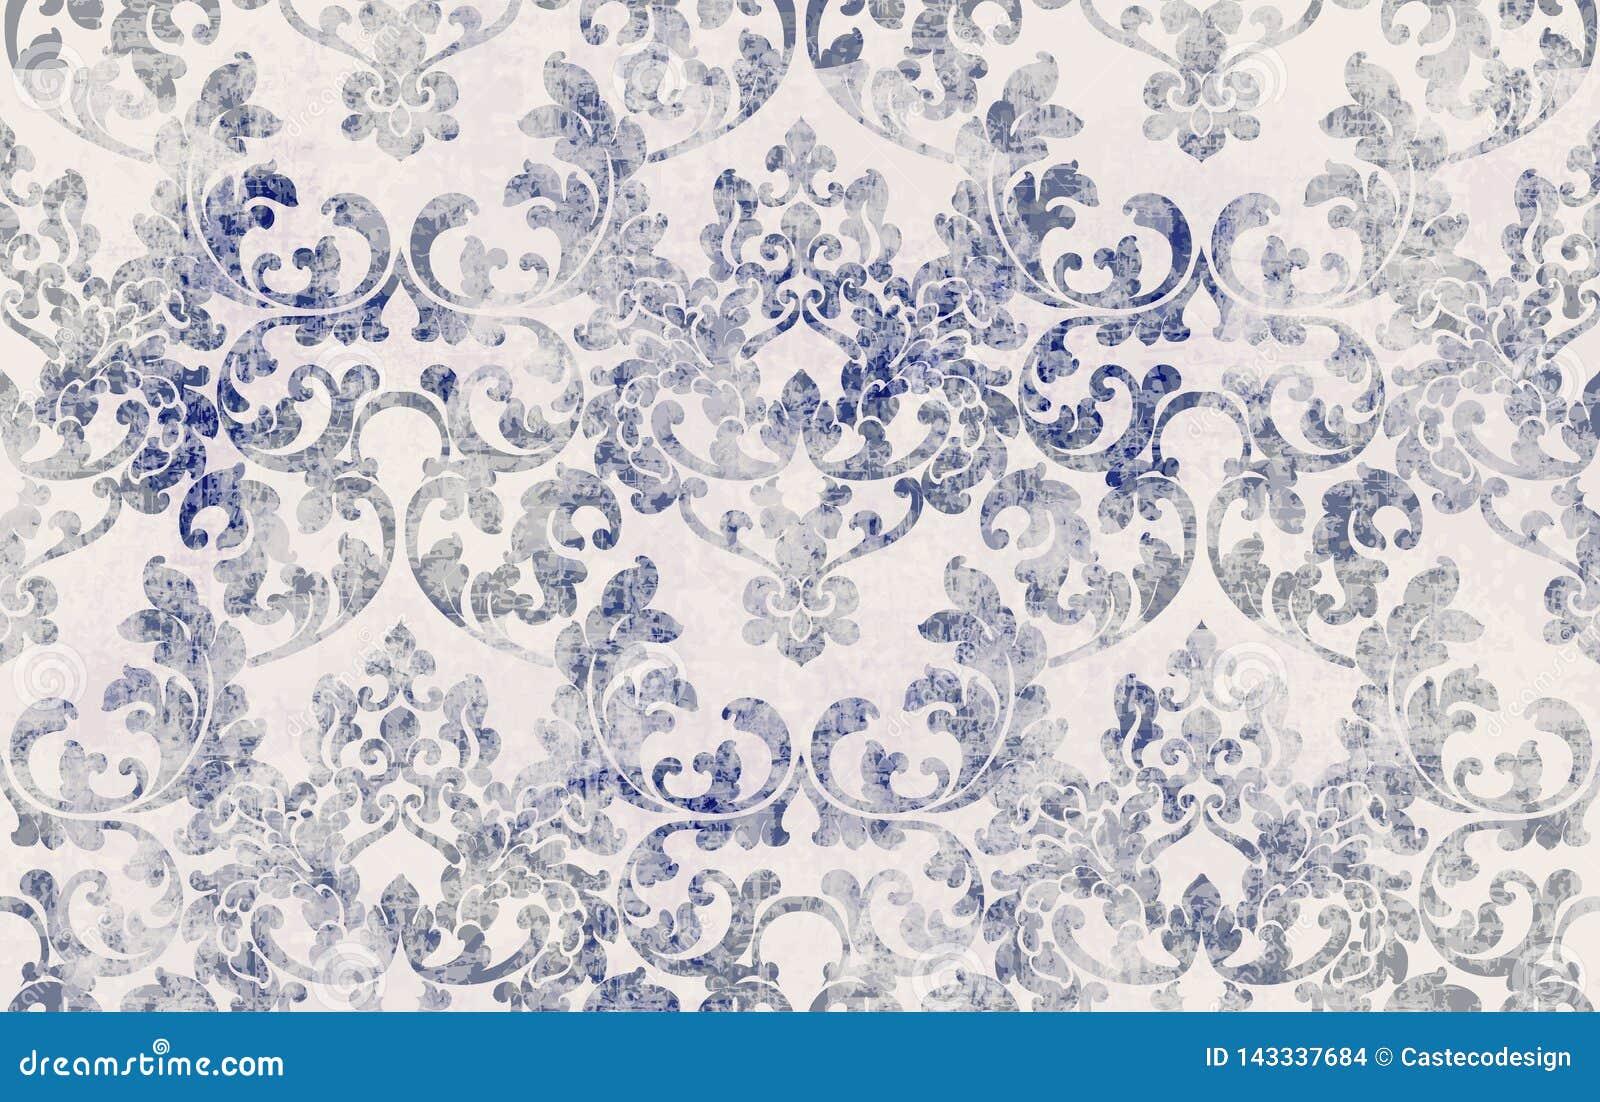 Het patroonvector van de rococo stextuur Bloemenornamentdecoratie Victoriaans gegraveerd retro ontwerp De uitstekende decors van